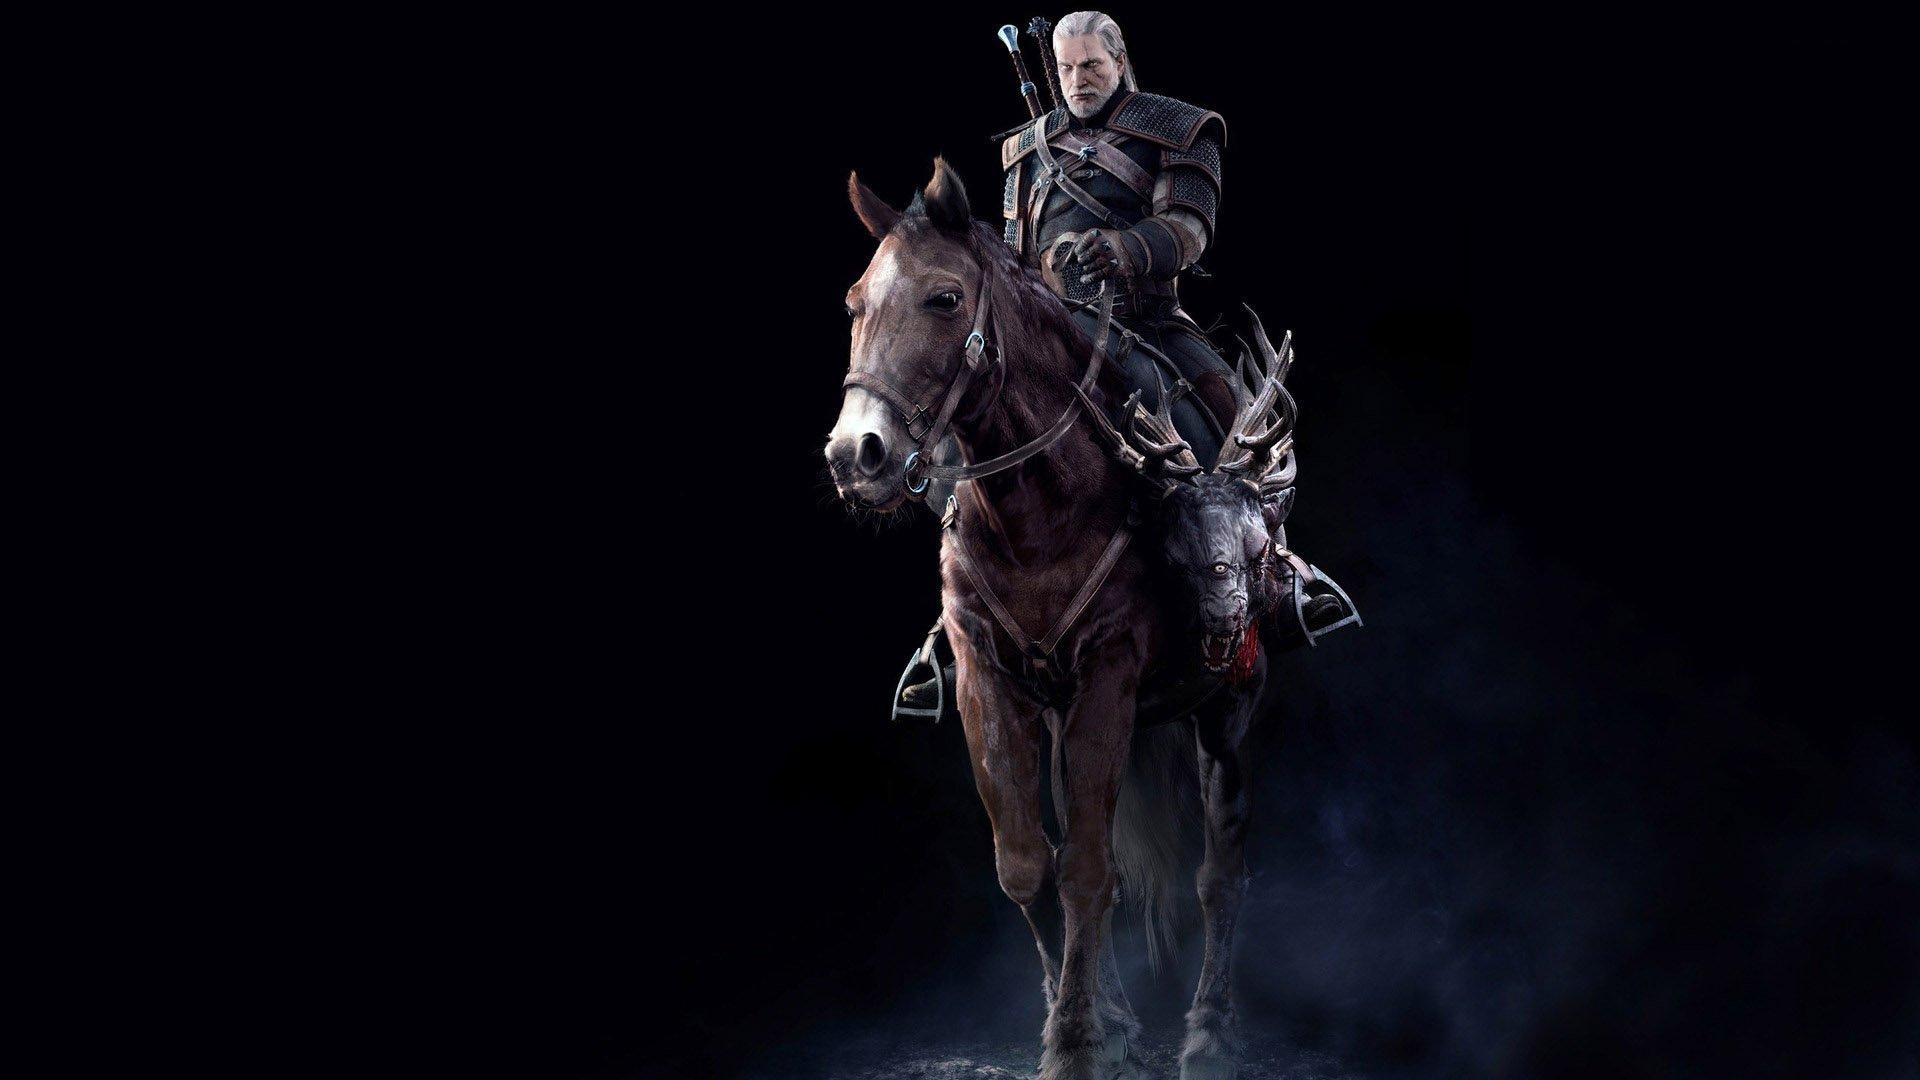 Раскрыли новые детали, касающиеся Witcher 3.. - Изображение 1